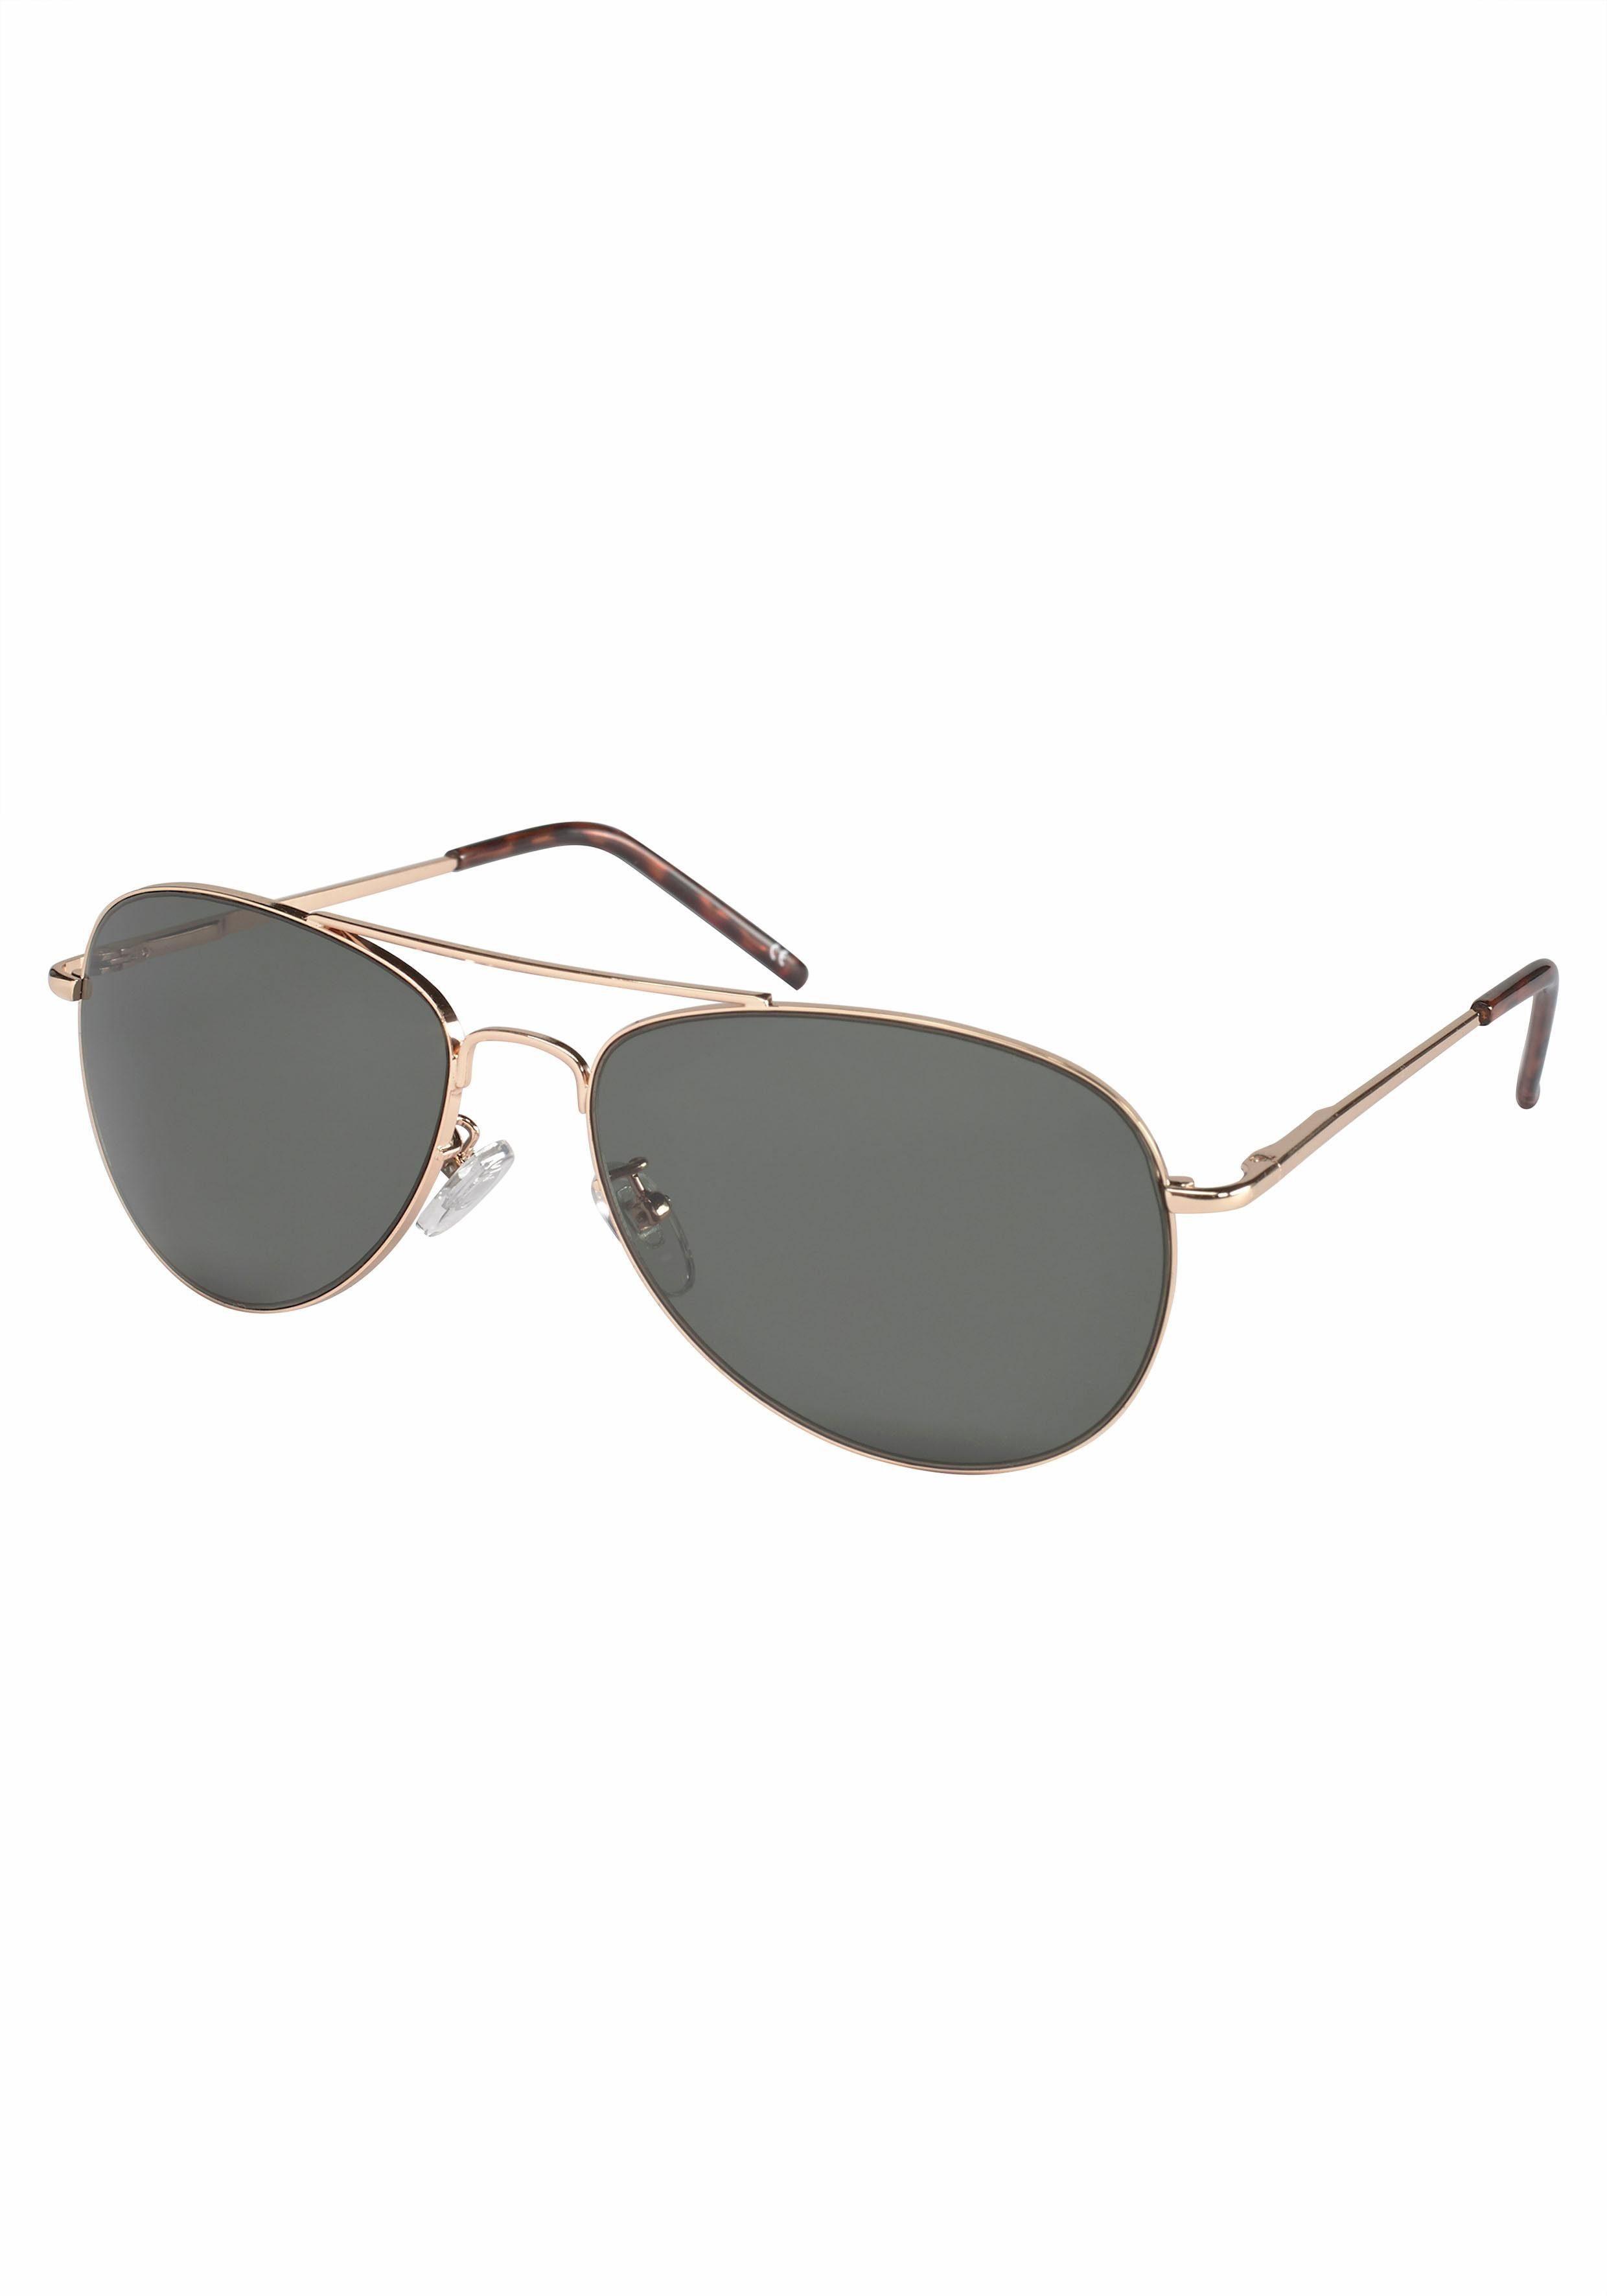 PRIMETTA Eyewear Sonnenbrille, im Aviator Look, Pilotform, Fliegerbrille, goldfarben, goldfarben-grau